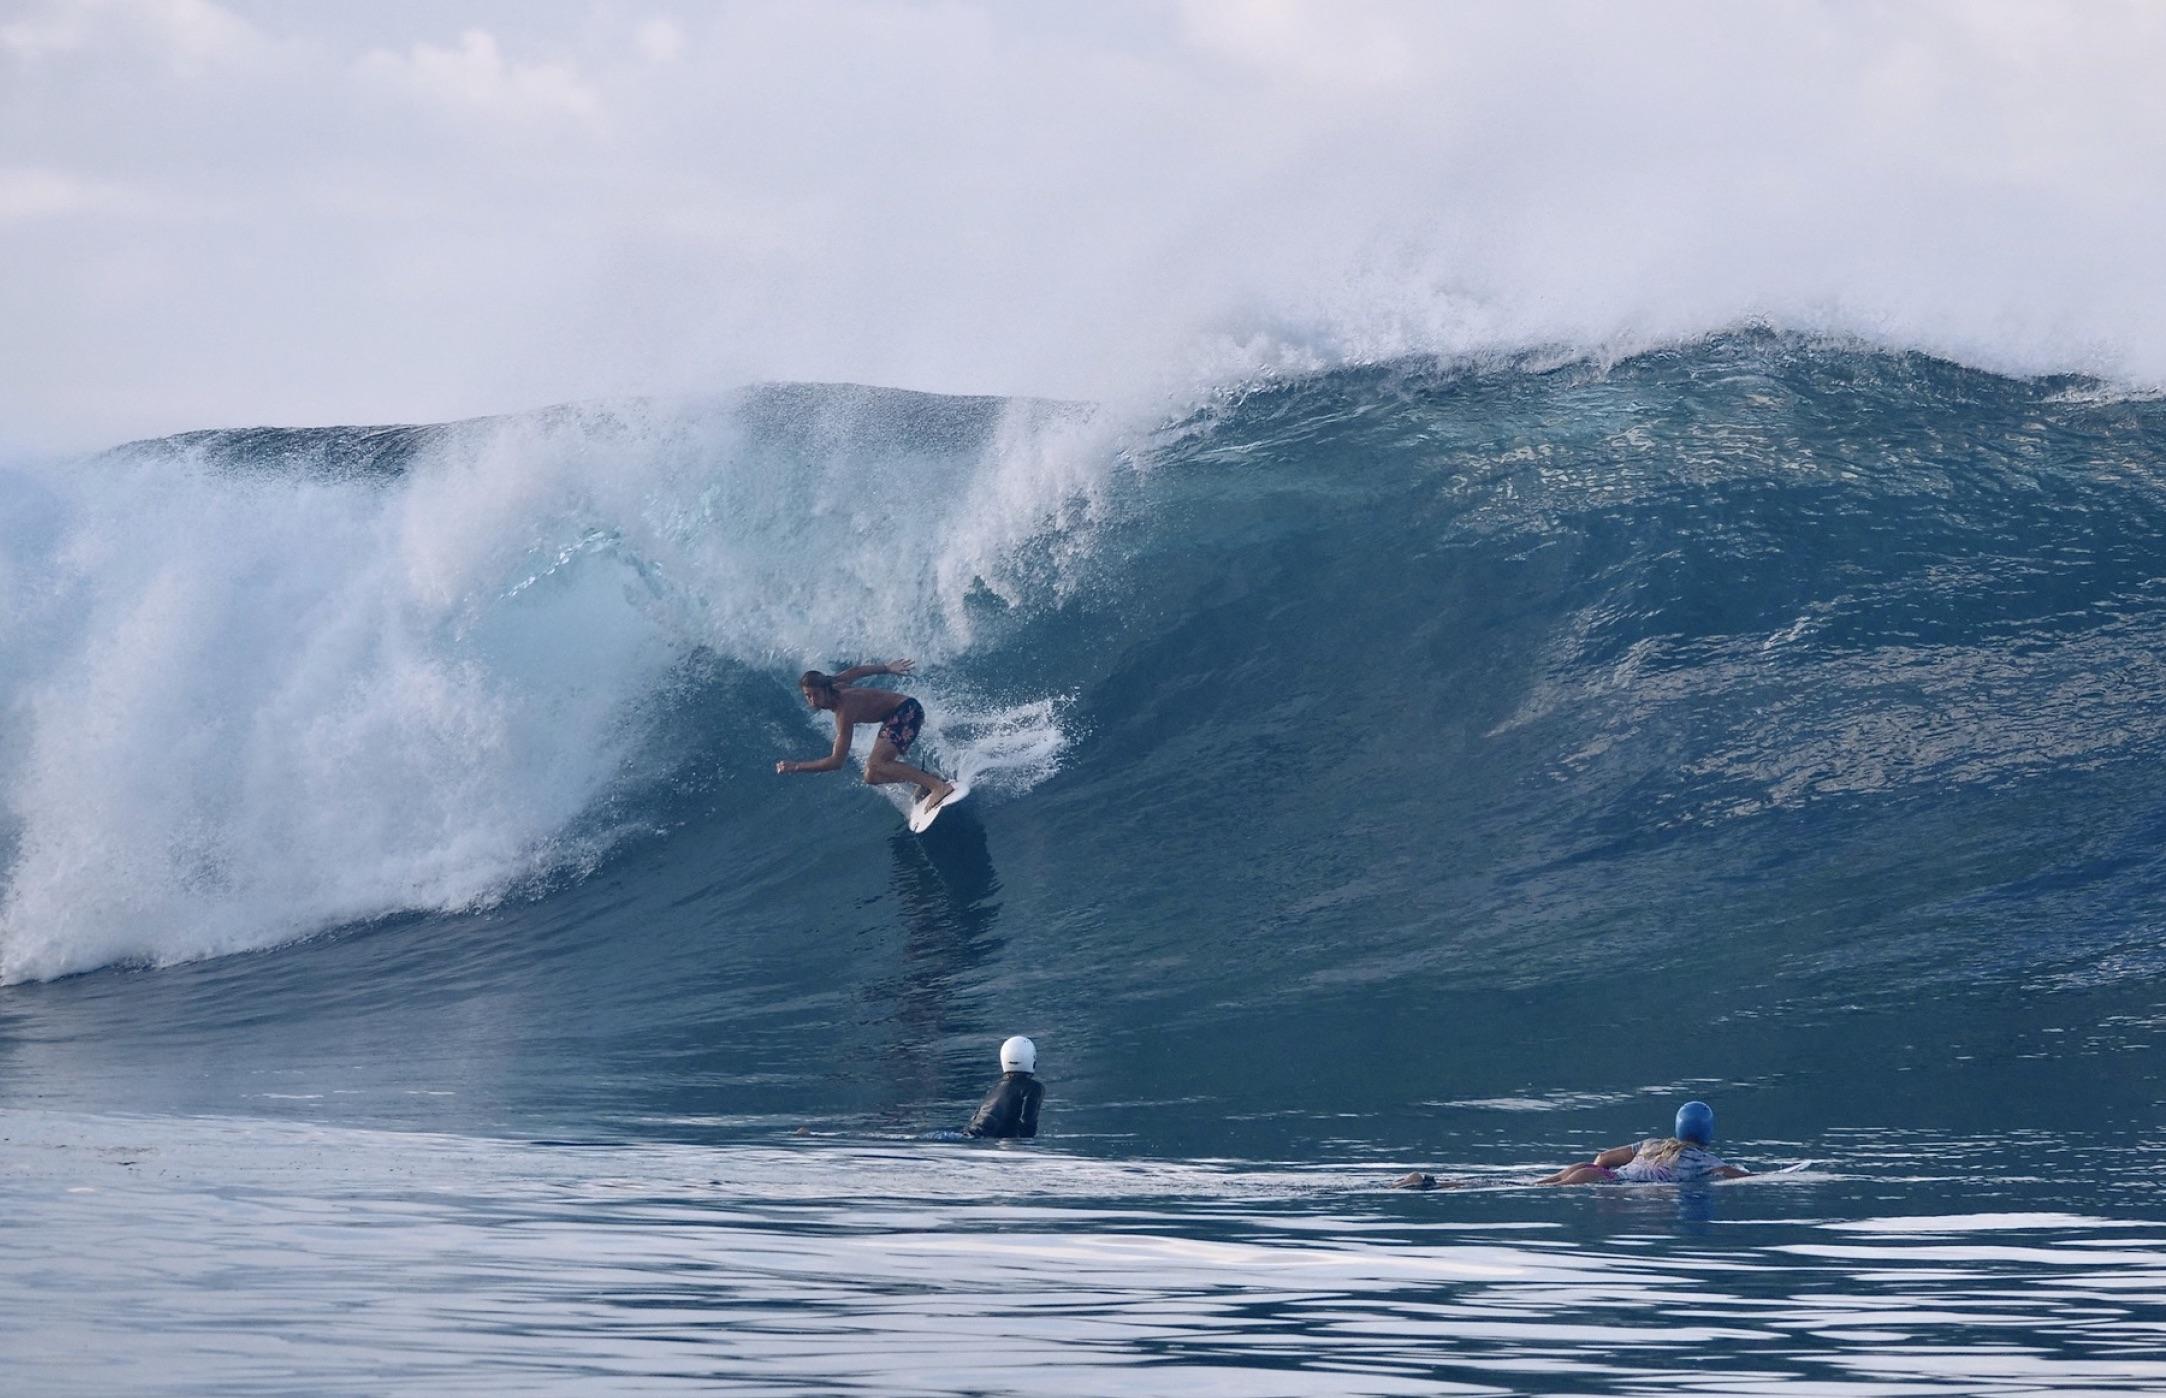 Certains ont profité de ce stage pour découvrir le mythique spot de Teahupo'o et s'offrir leur première vague dans la passe de Hava'e. (photo : Gael Vaast)